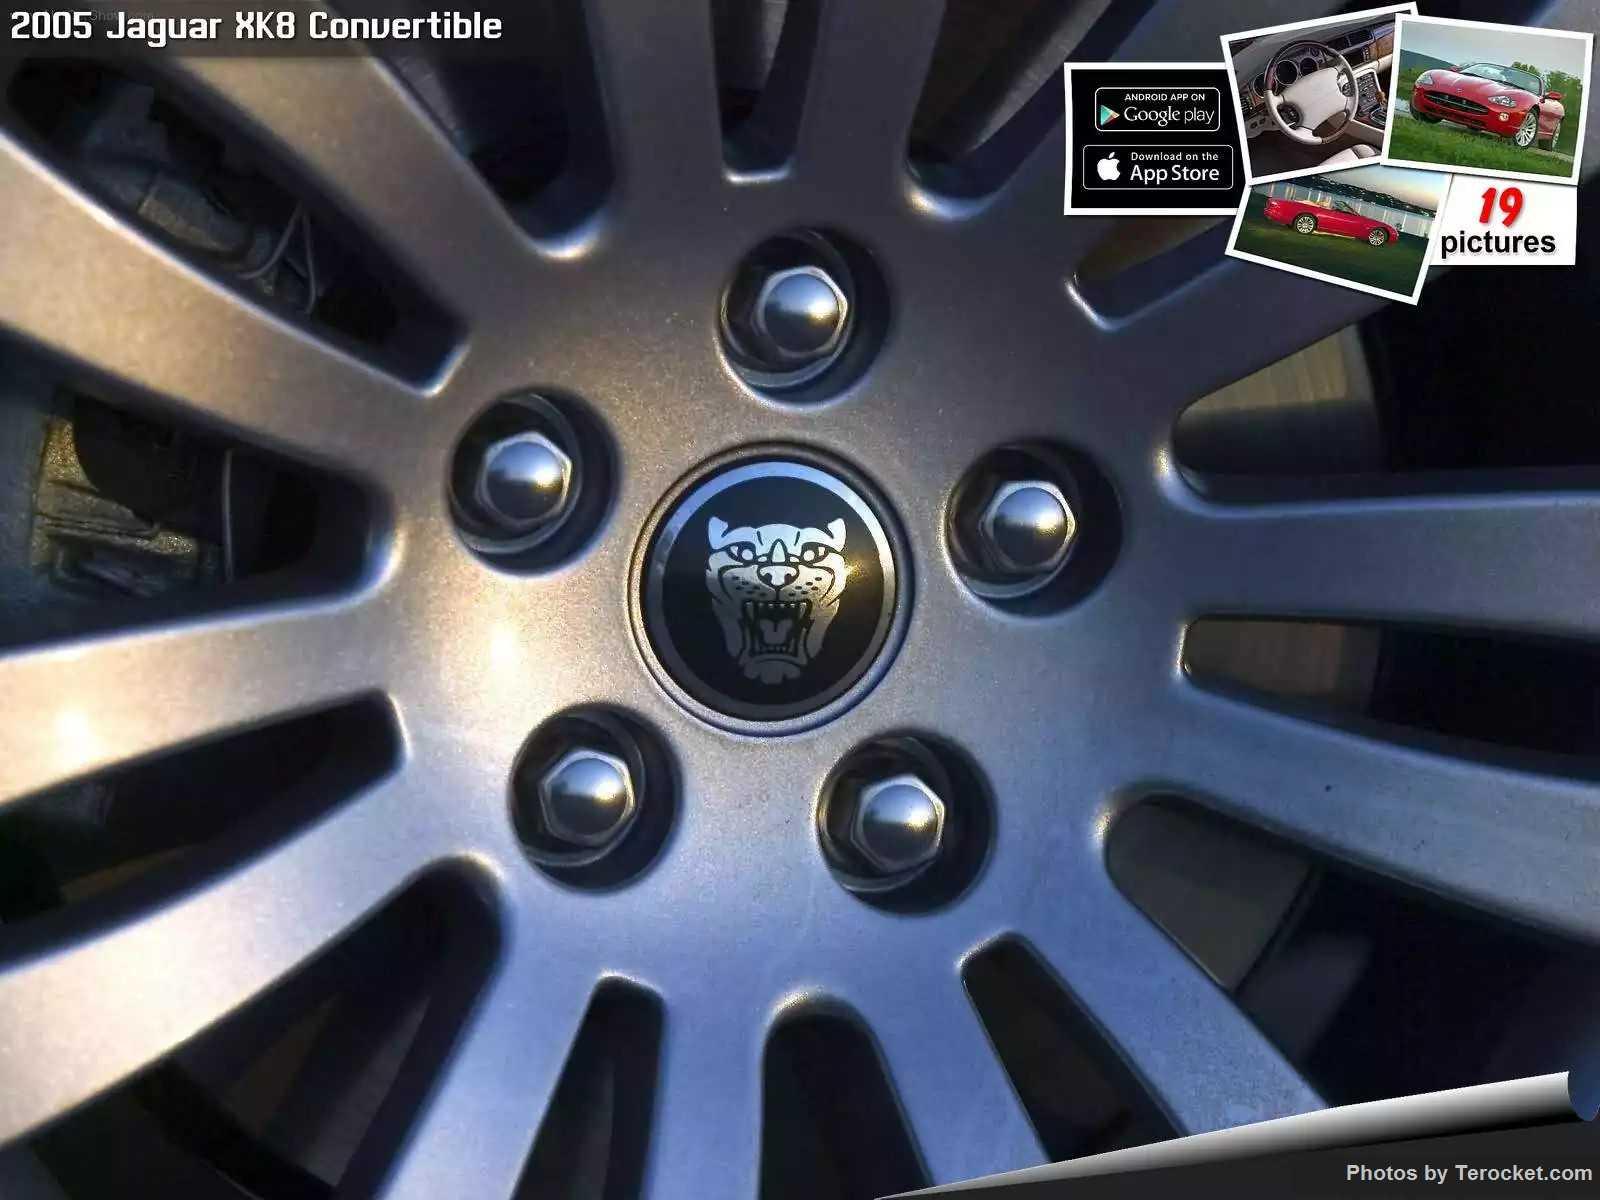 Hình ảnh xe ô tô Jaguar XK8 Convertible 2005 & nội ngoại thất